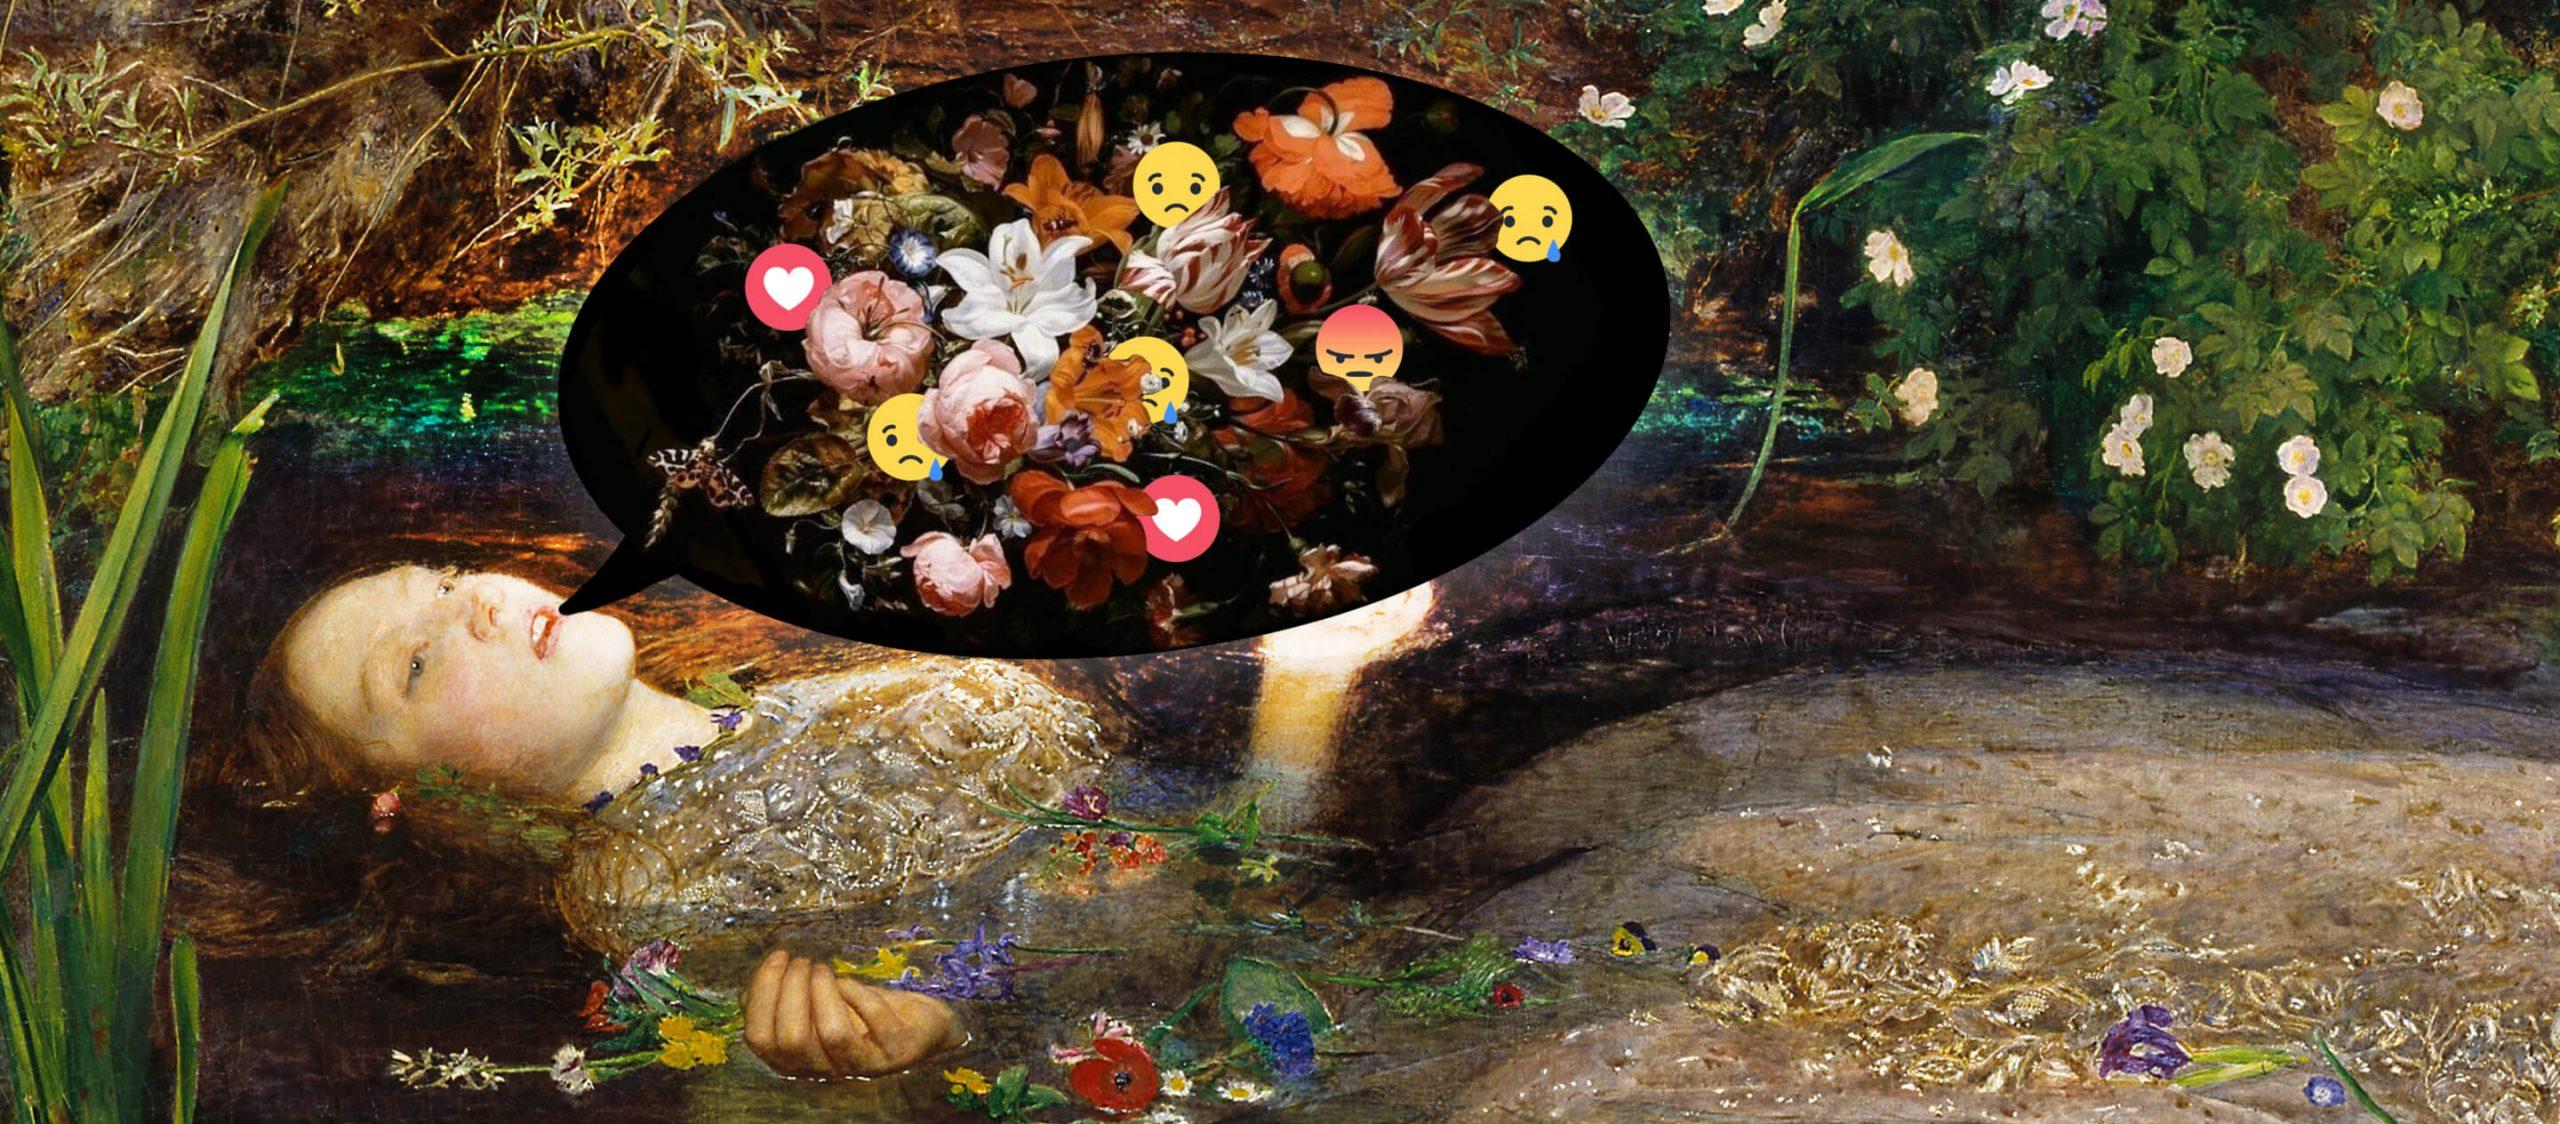 พูดจาภาษาดอกไม้ : ประวัติศาสตร์การใช้ดอกไม้สื่อความหมายในใจ